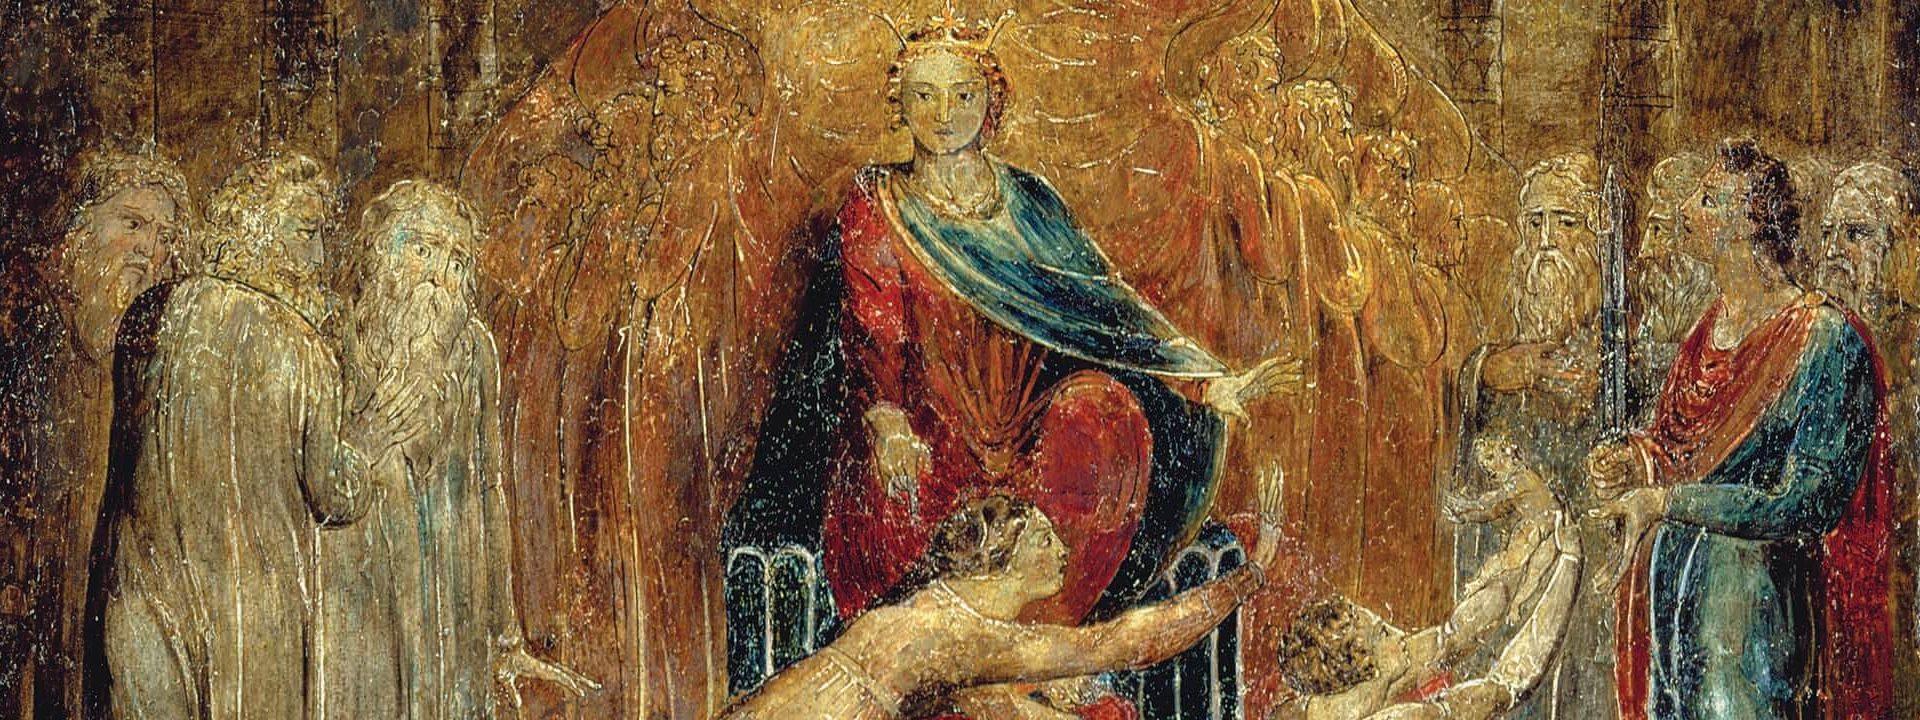 אברהם, משה ושלמה על פי שטיינר